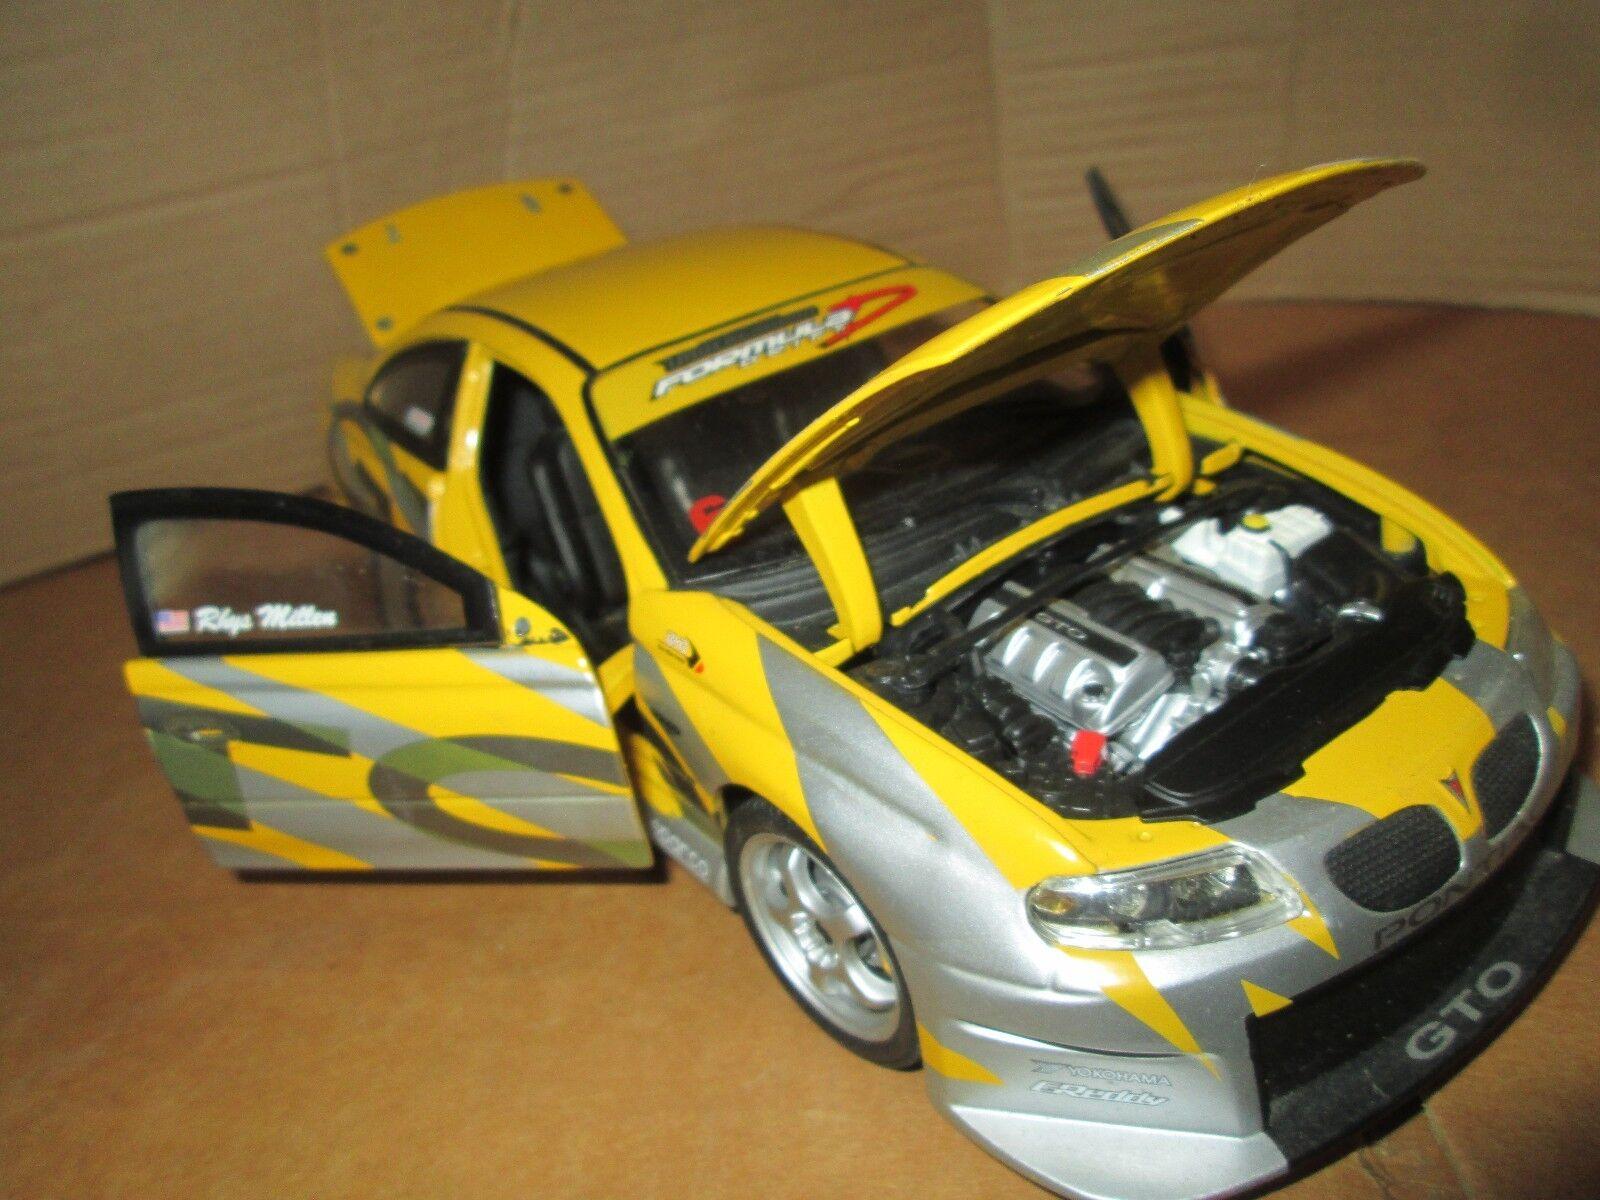 2004 pontiac GTO 1 18 JOY RIDE  LTD RALLY RACING VERSION  LOOSE display piece